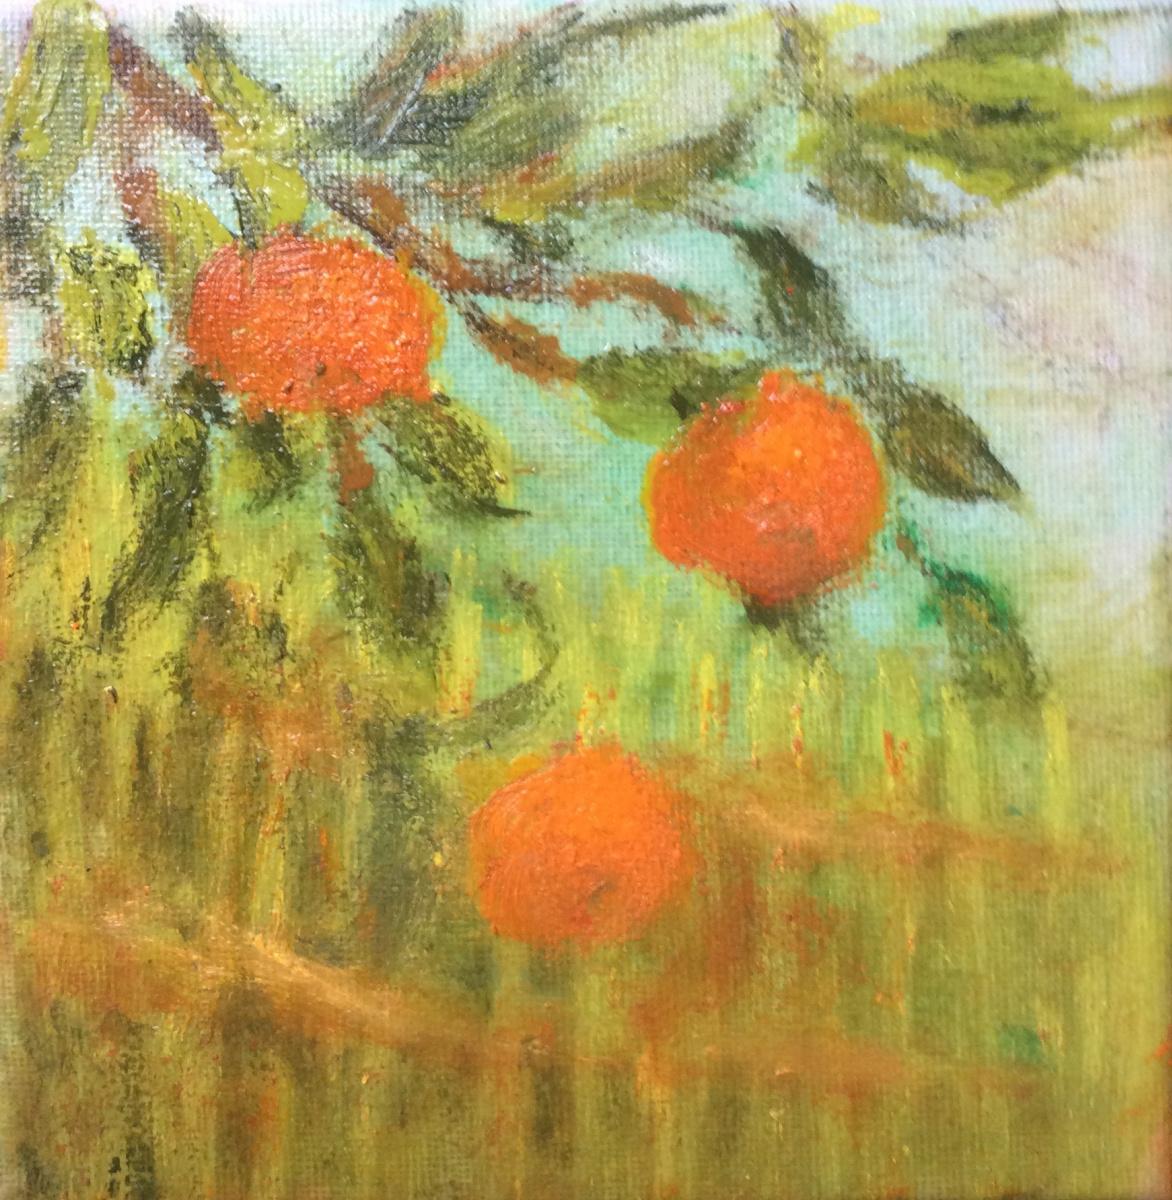 Rita Arkadievna Beckman. Curious tangerine